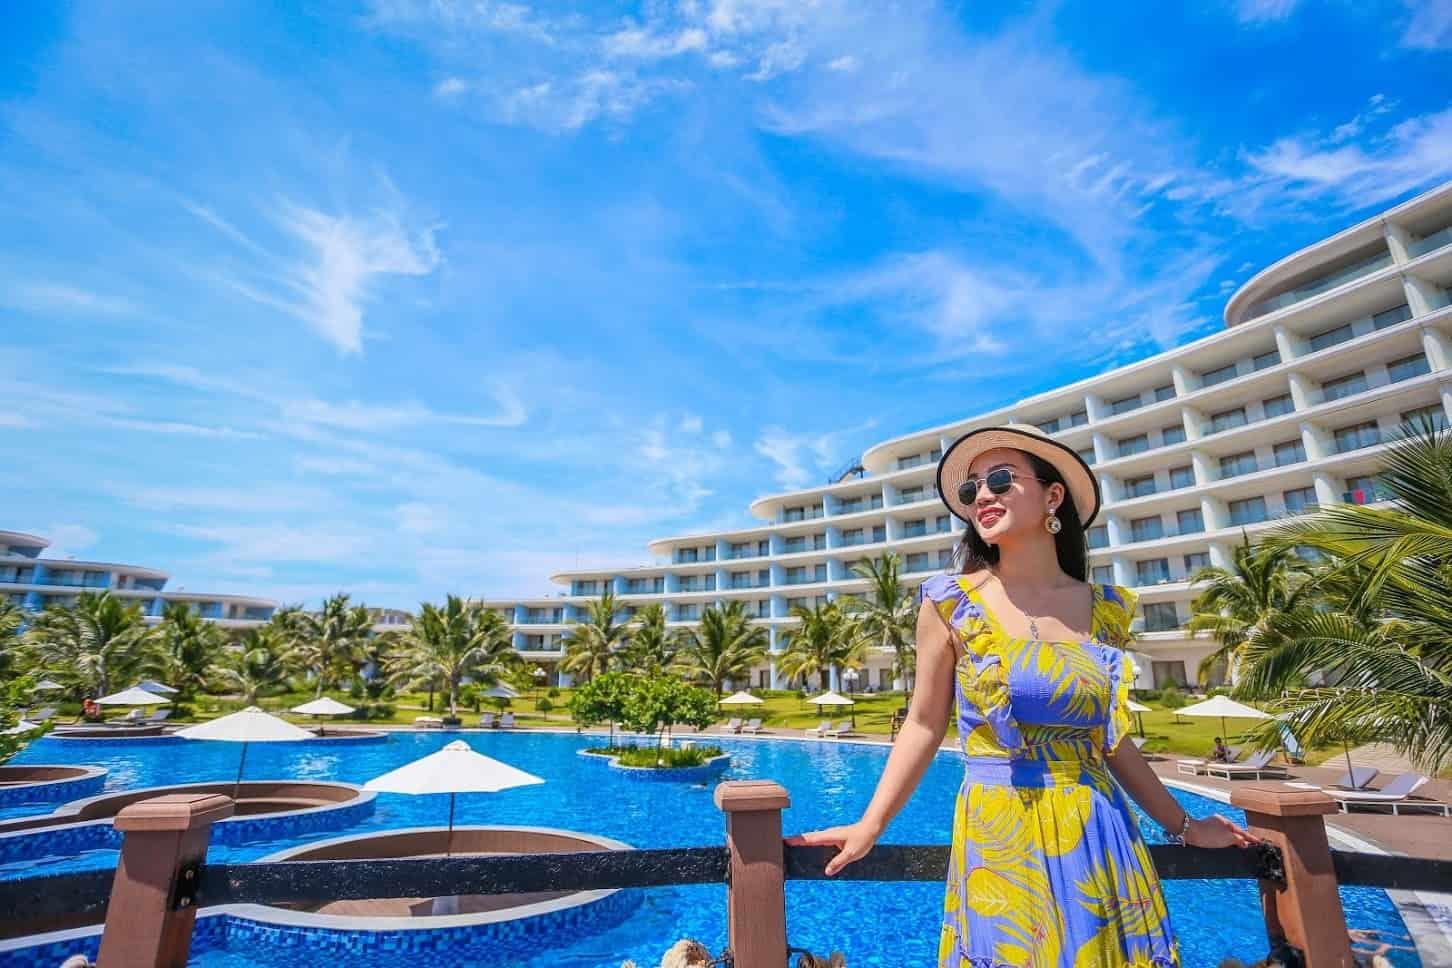 Cực thoả mãn với kỳ nghỉ thiên đường tại hệ thống resort của FLC